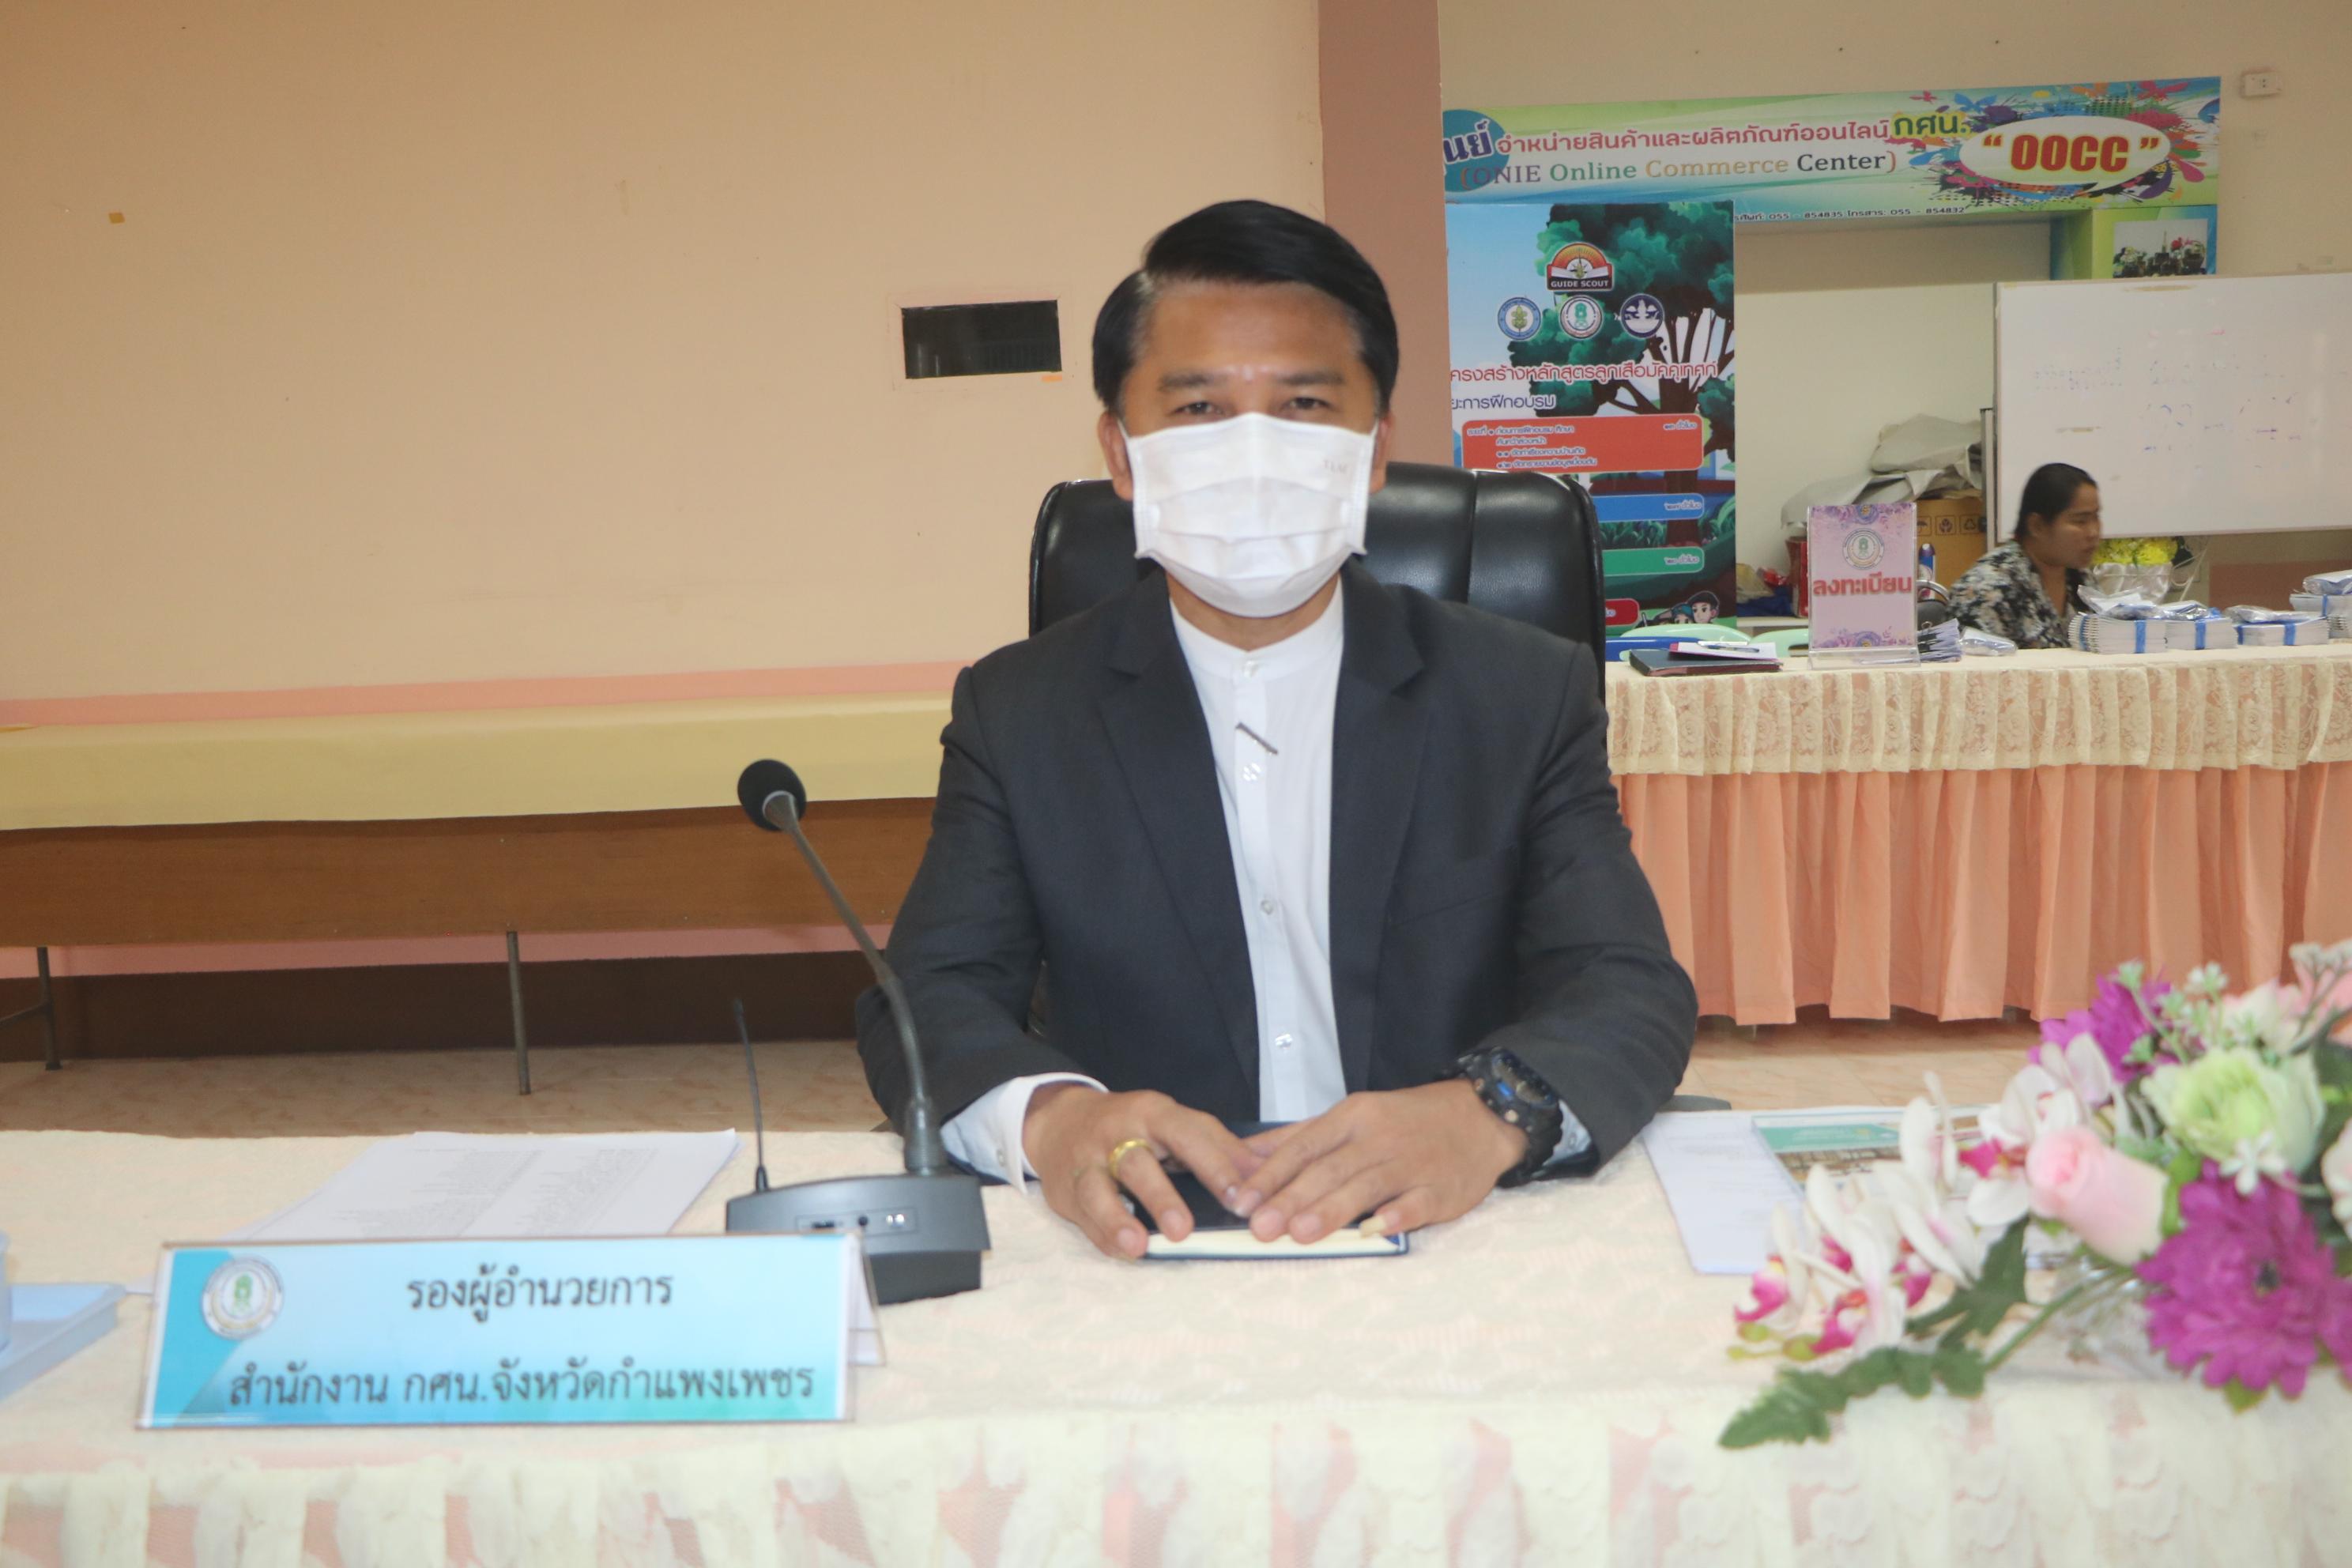 การประชุมประจำเดือนผู้บริหารการศึกษา ผู้บริหารสถานศึกษา ข้าราชการ  พนักงานราชการ และบุคลากรในสังกัดสำนักงาน กศน.จังหวัดกำแพงเพชร